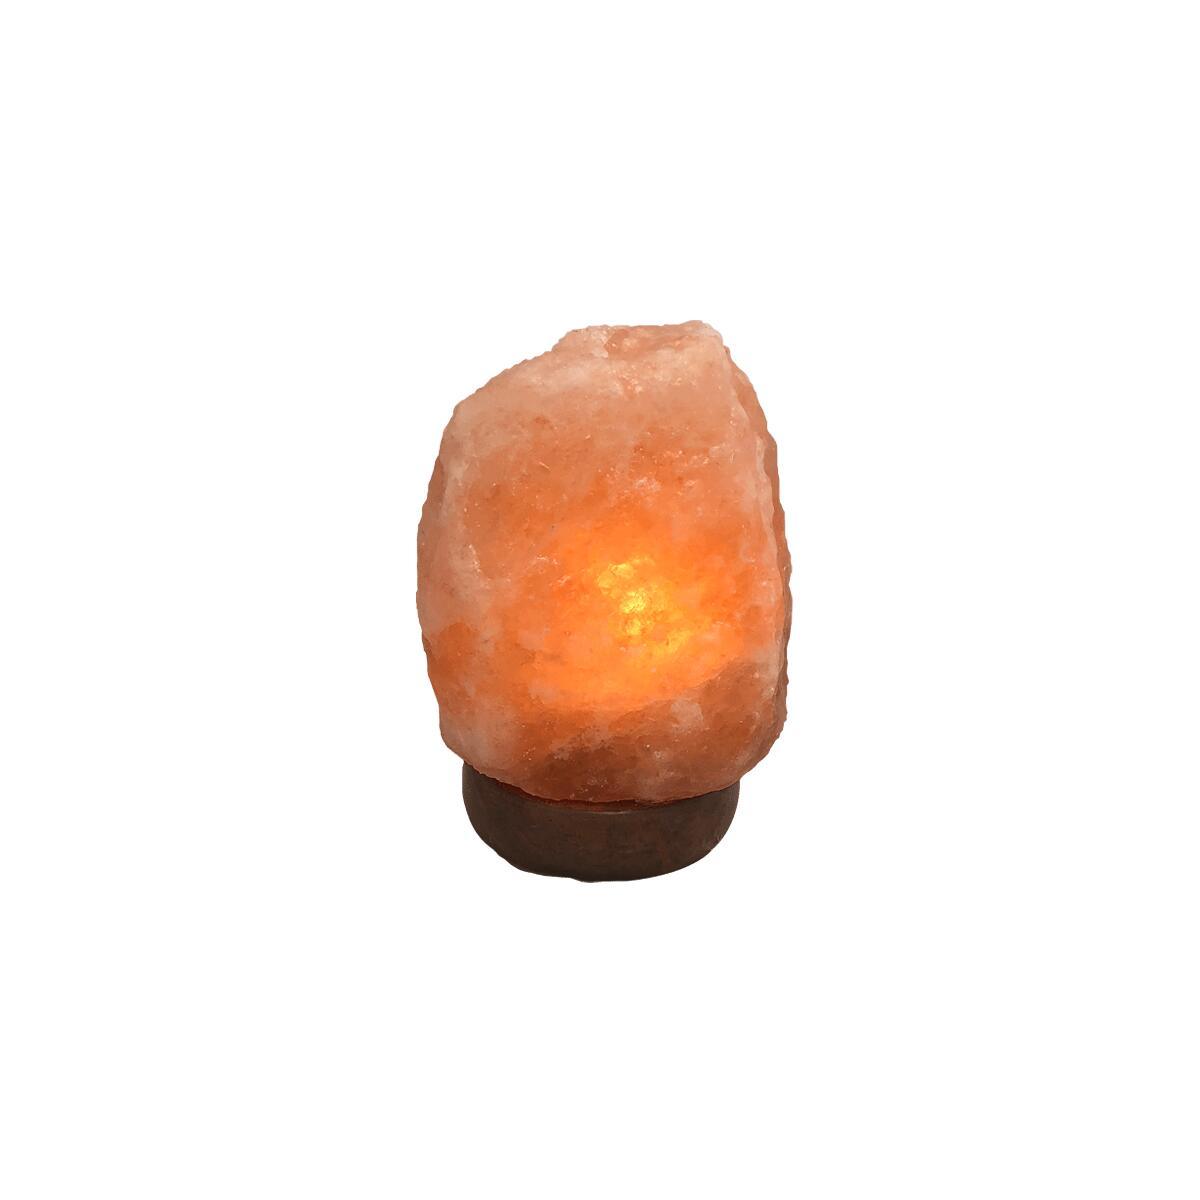 Medium (9-11 lbs) lamp